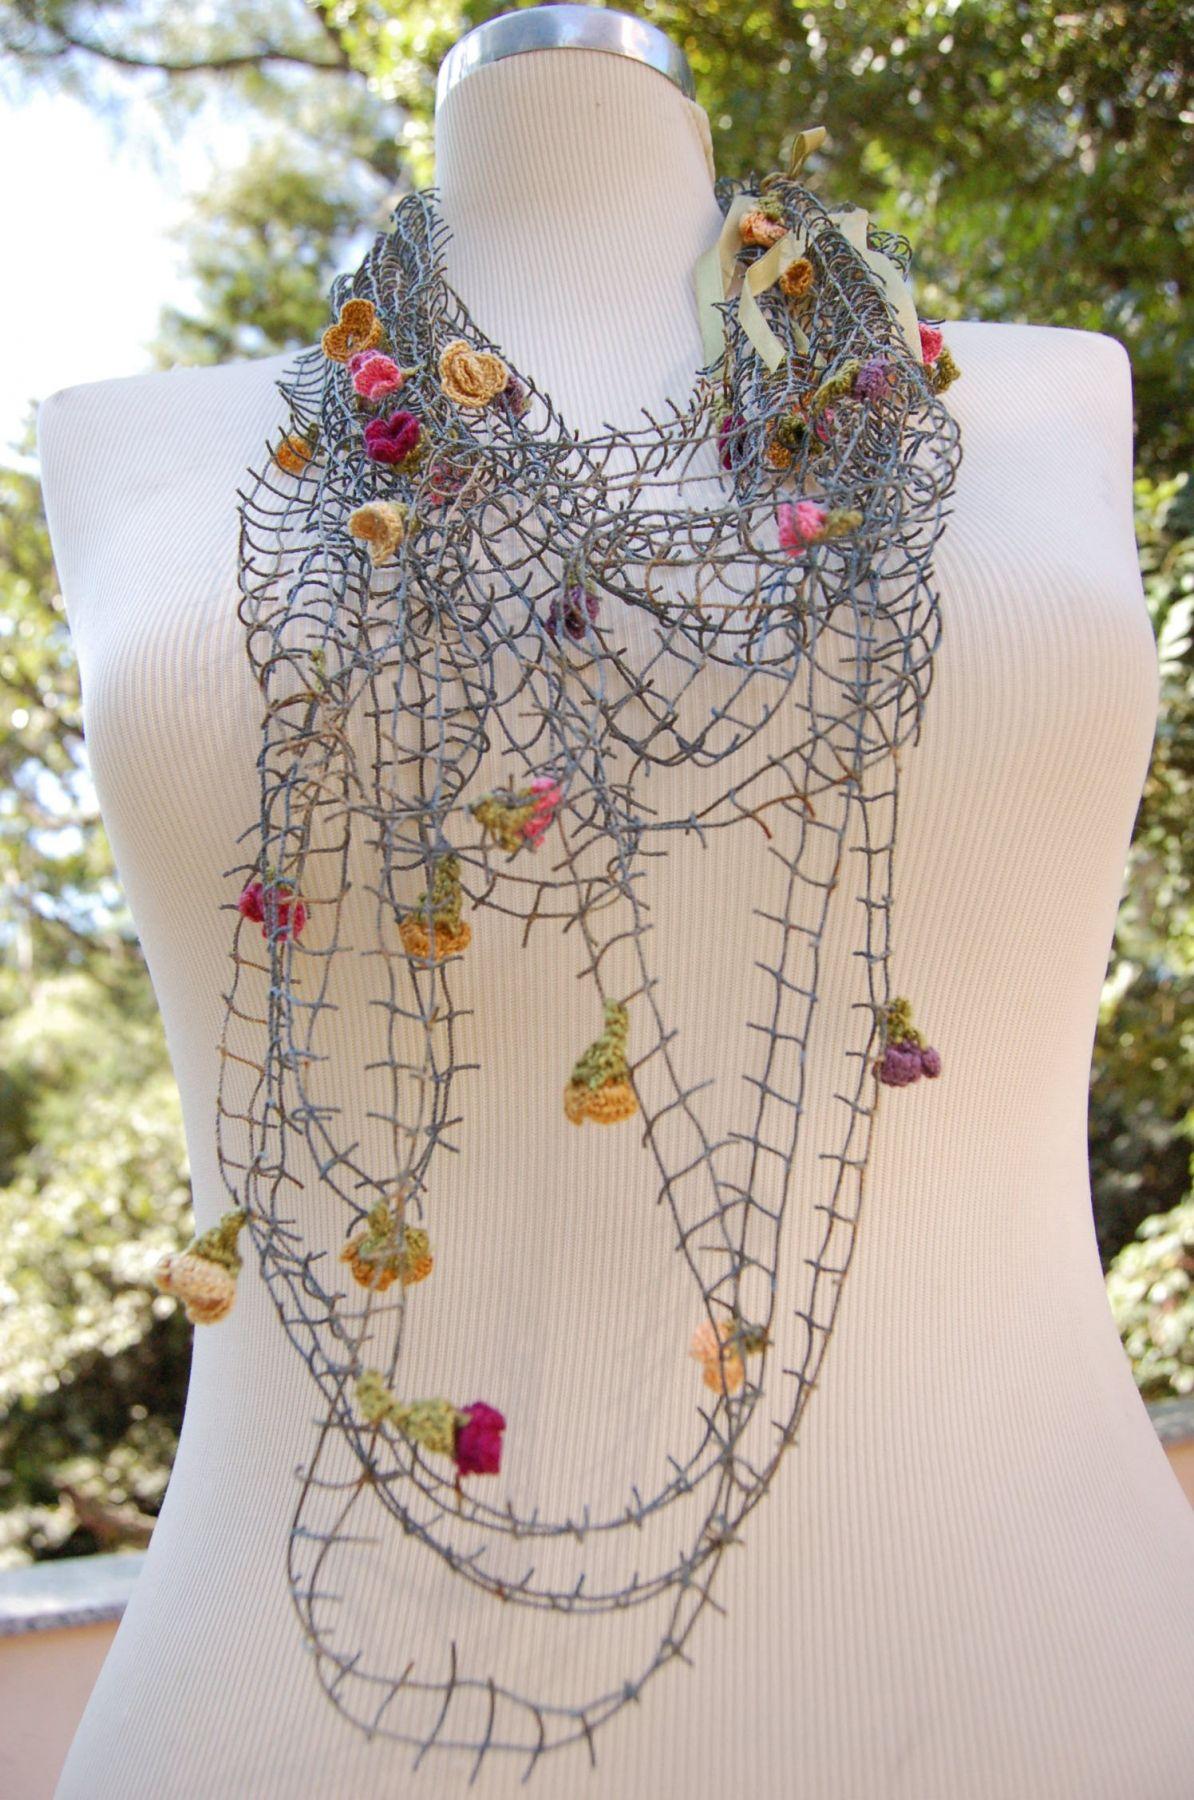 Colar feito com rede de pesca reciclada em tonalidade azul desbotado (naturalmente pelas intempéries),  contendo em média treze florinhas feitas em crochet manual por mulheres da Comunidade de Governado...